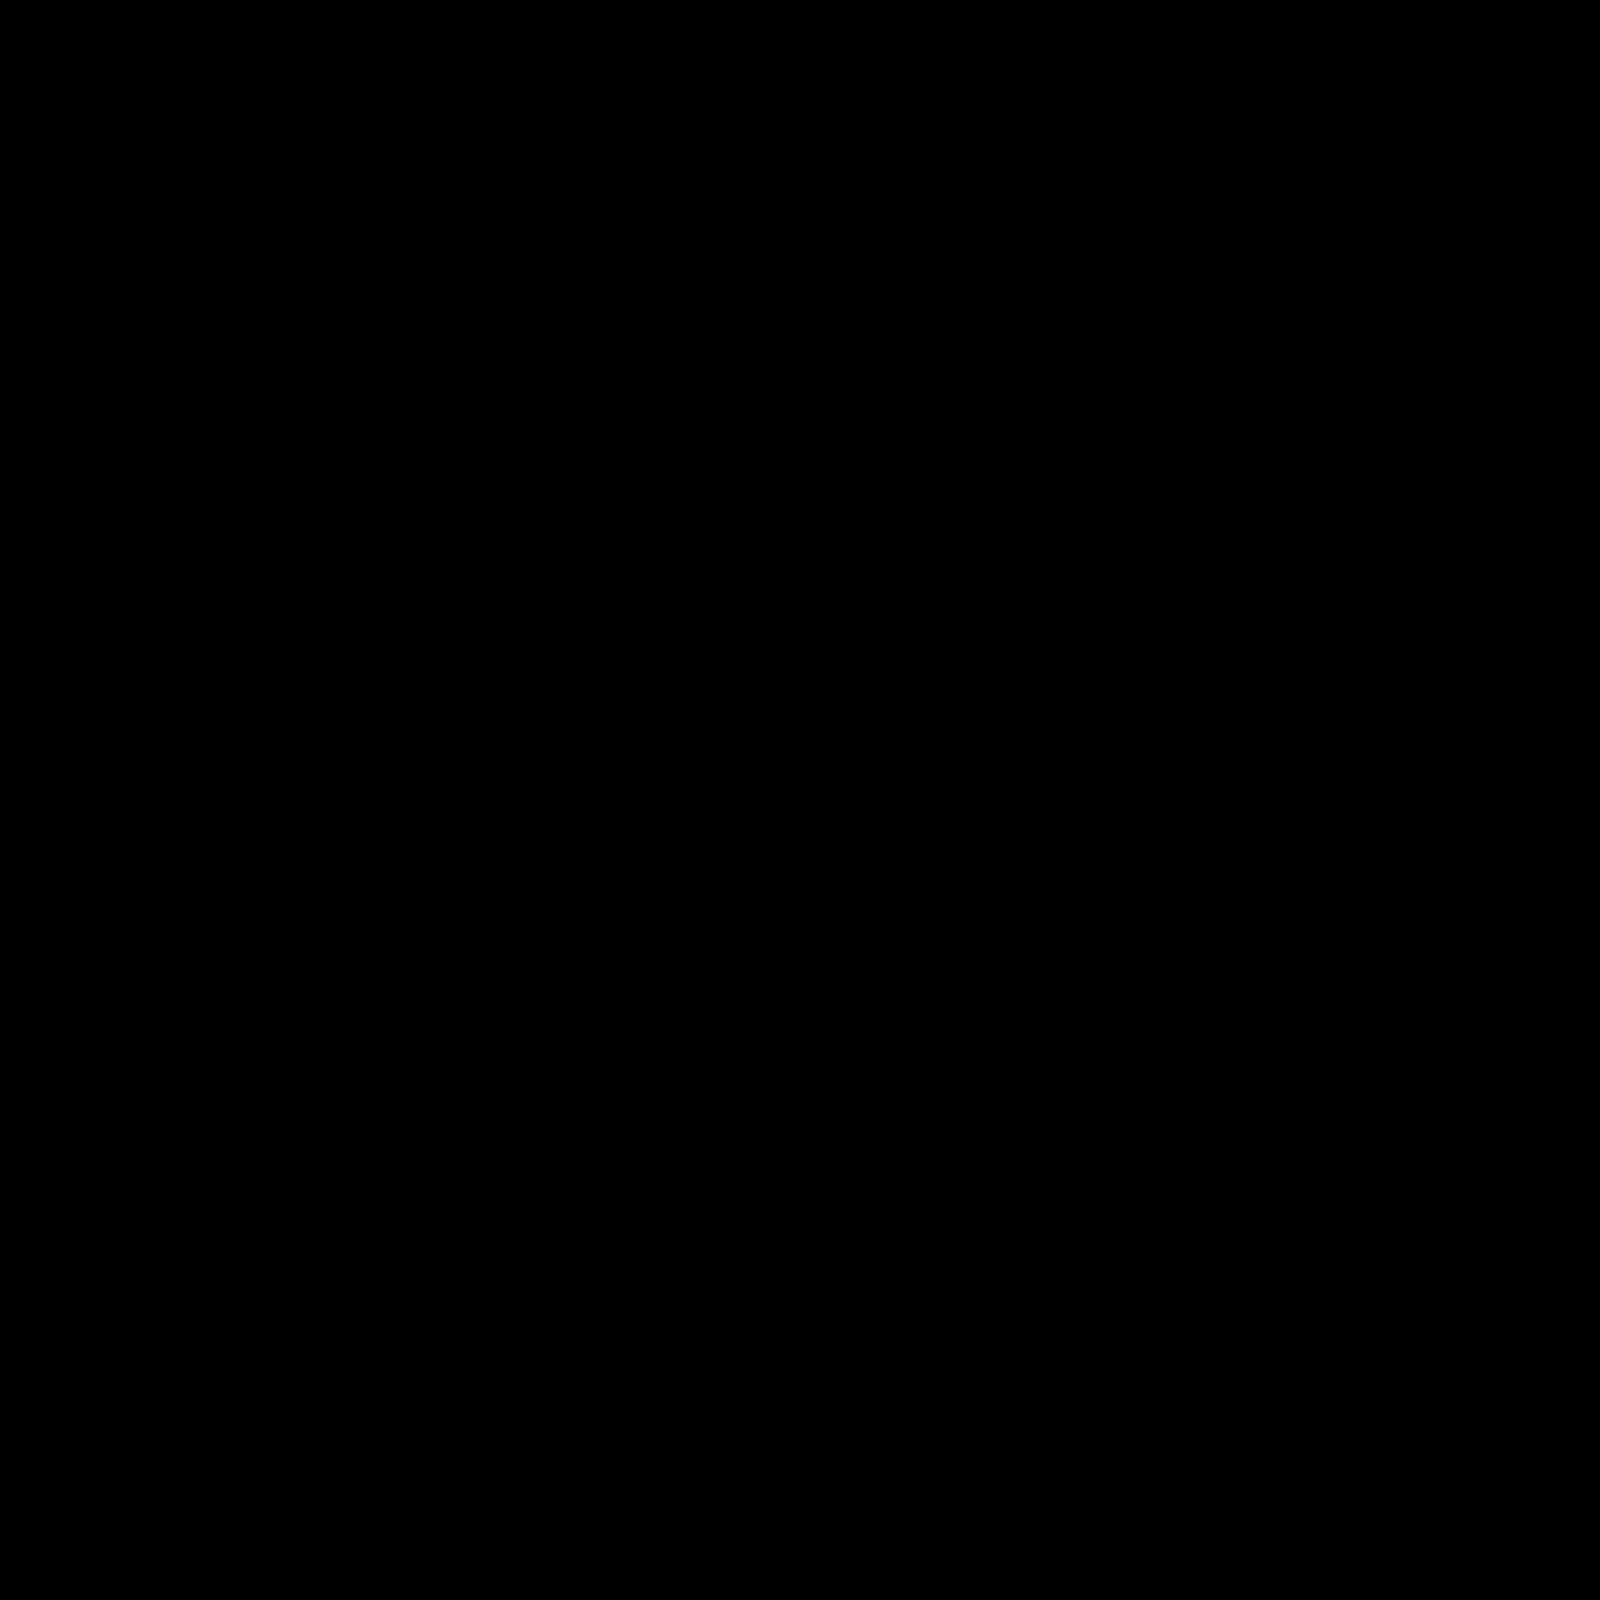 Lune de miel icon